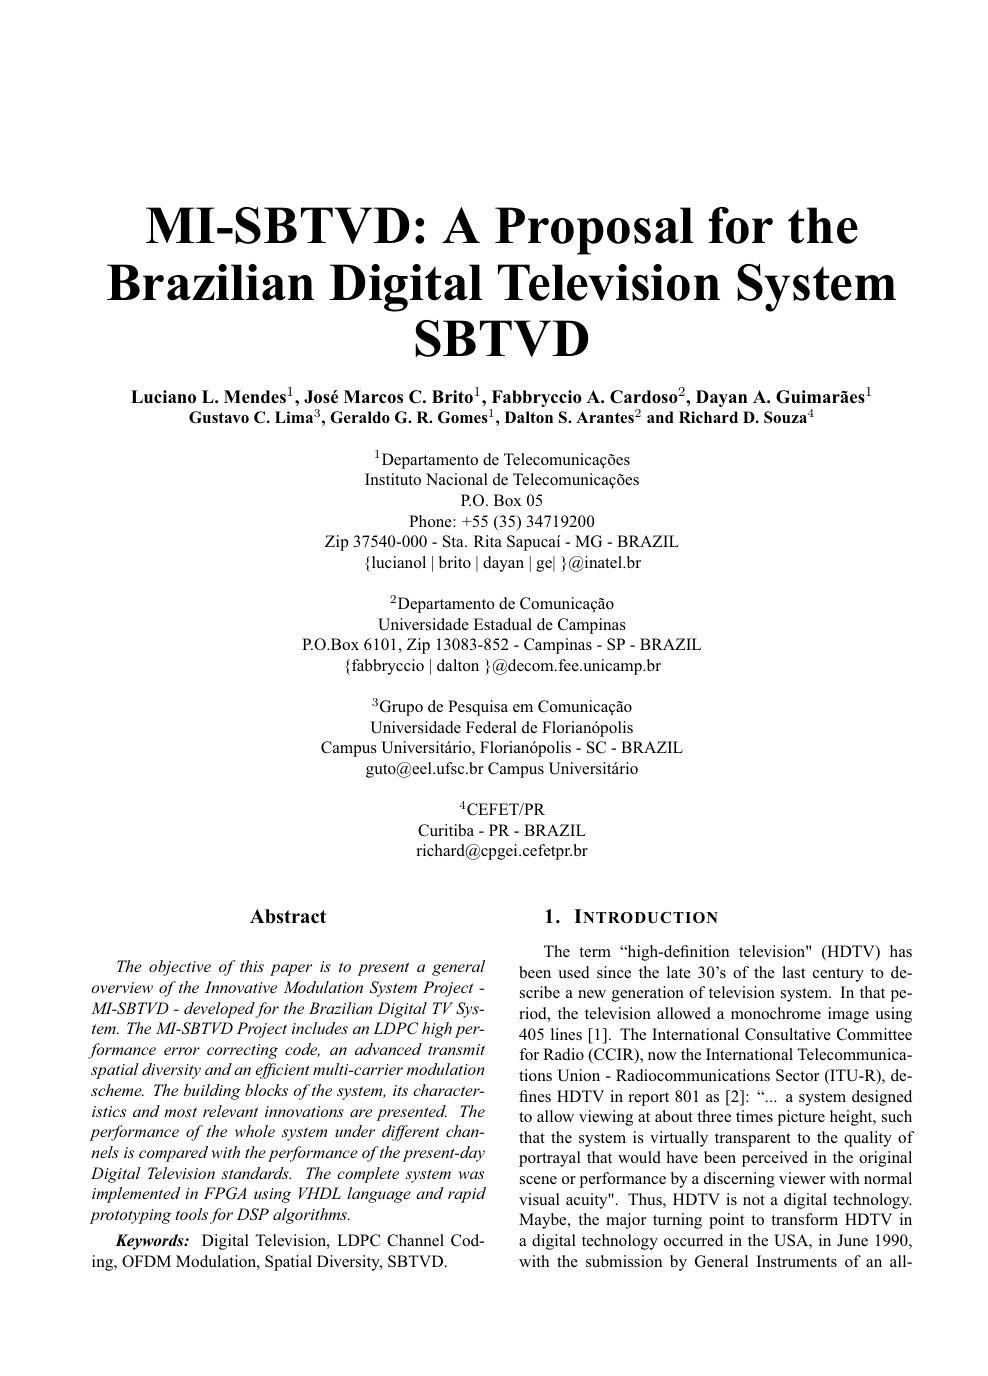 MI-SBTVD: A proposal for the brazilian digital television